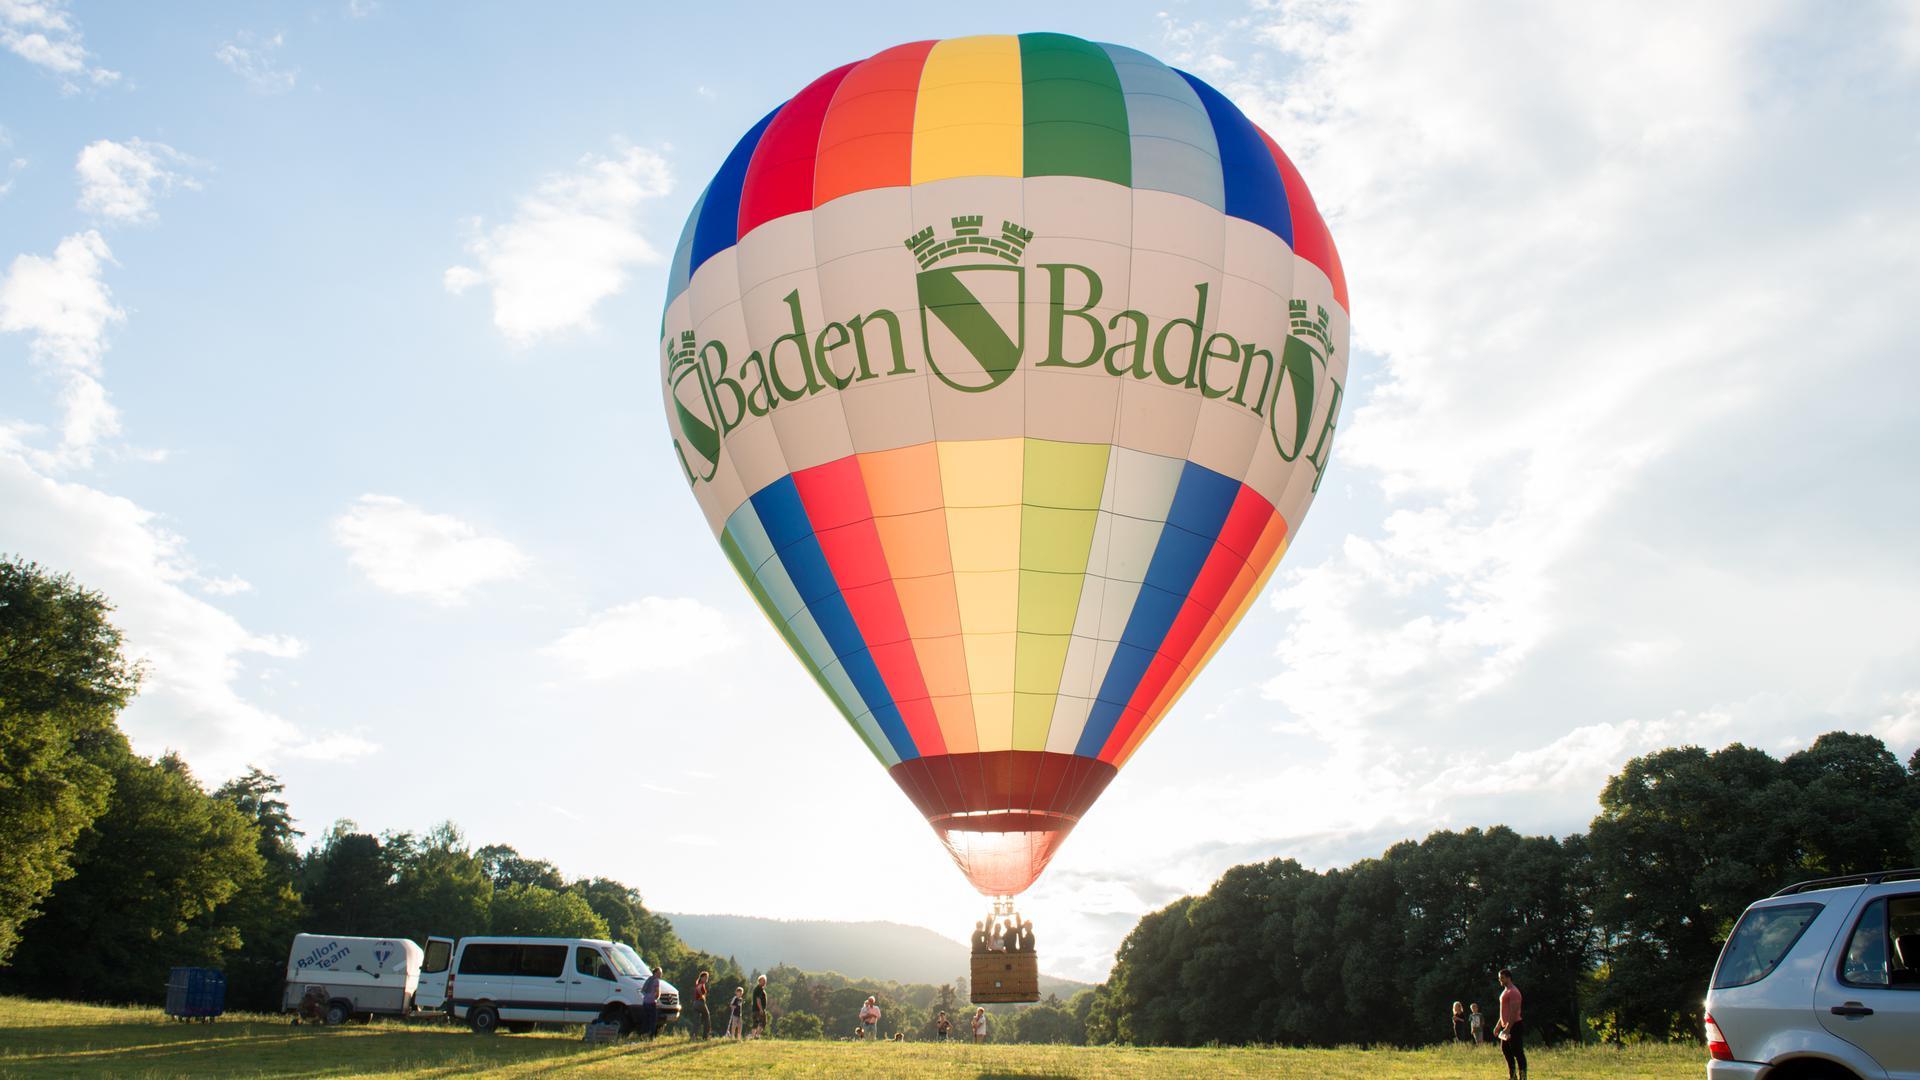 """Heißluftballon mit Aufschrift """"Baden-Baden"""" hebt auf einer von Bäumen gesäumten Wiese ab."""